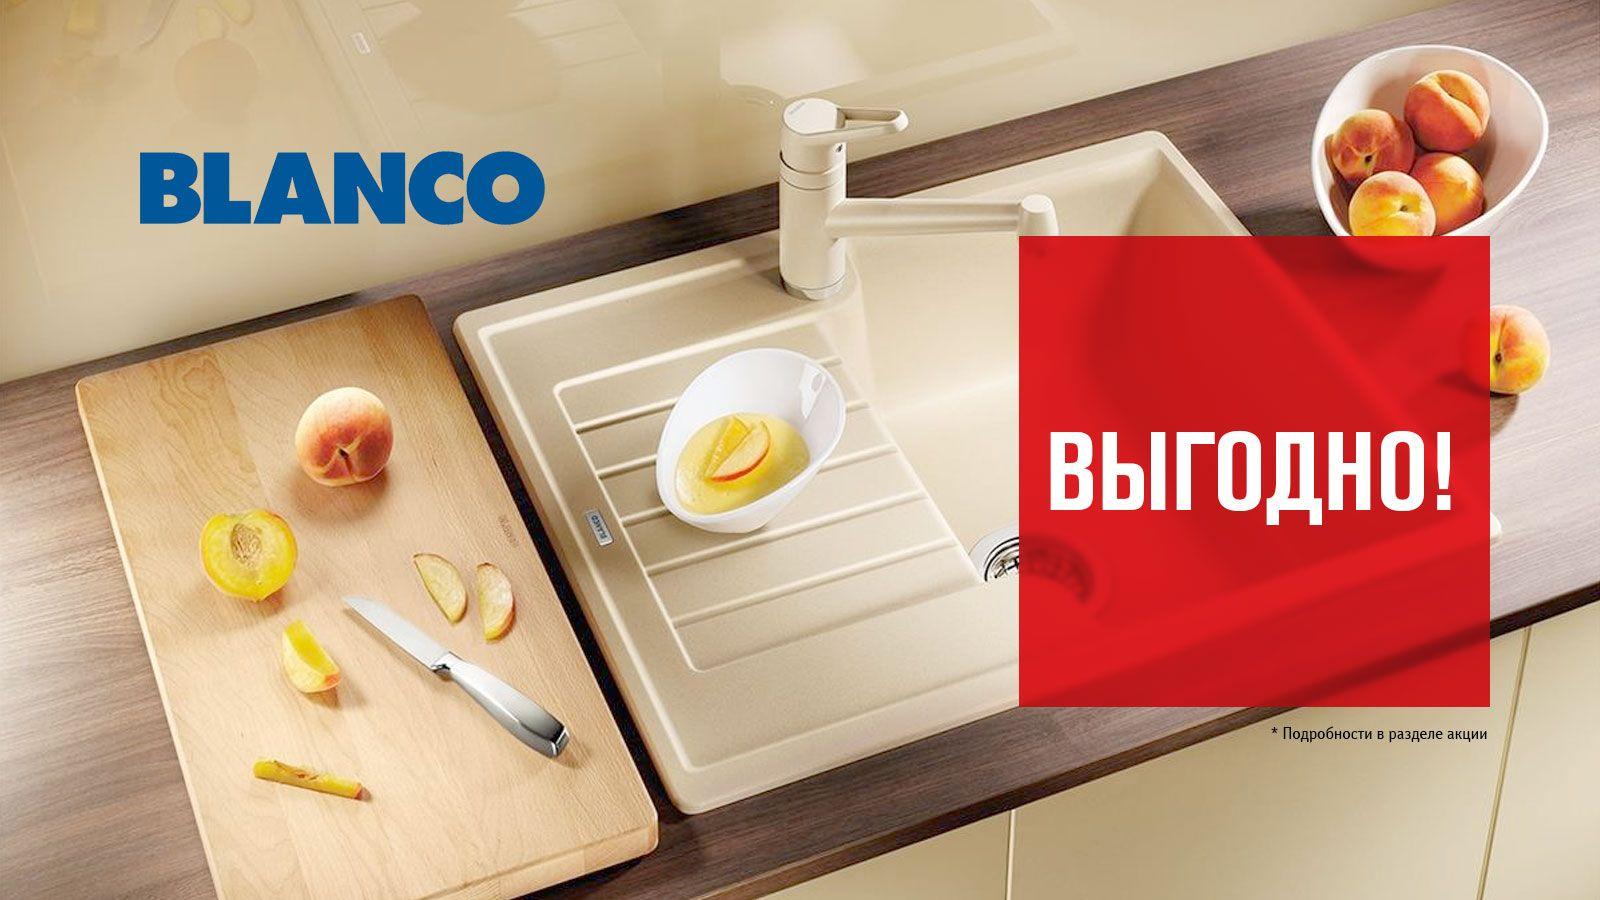 Выгодное предложение на сет Blanco!